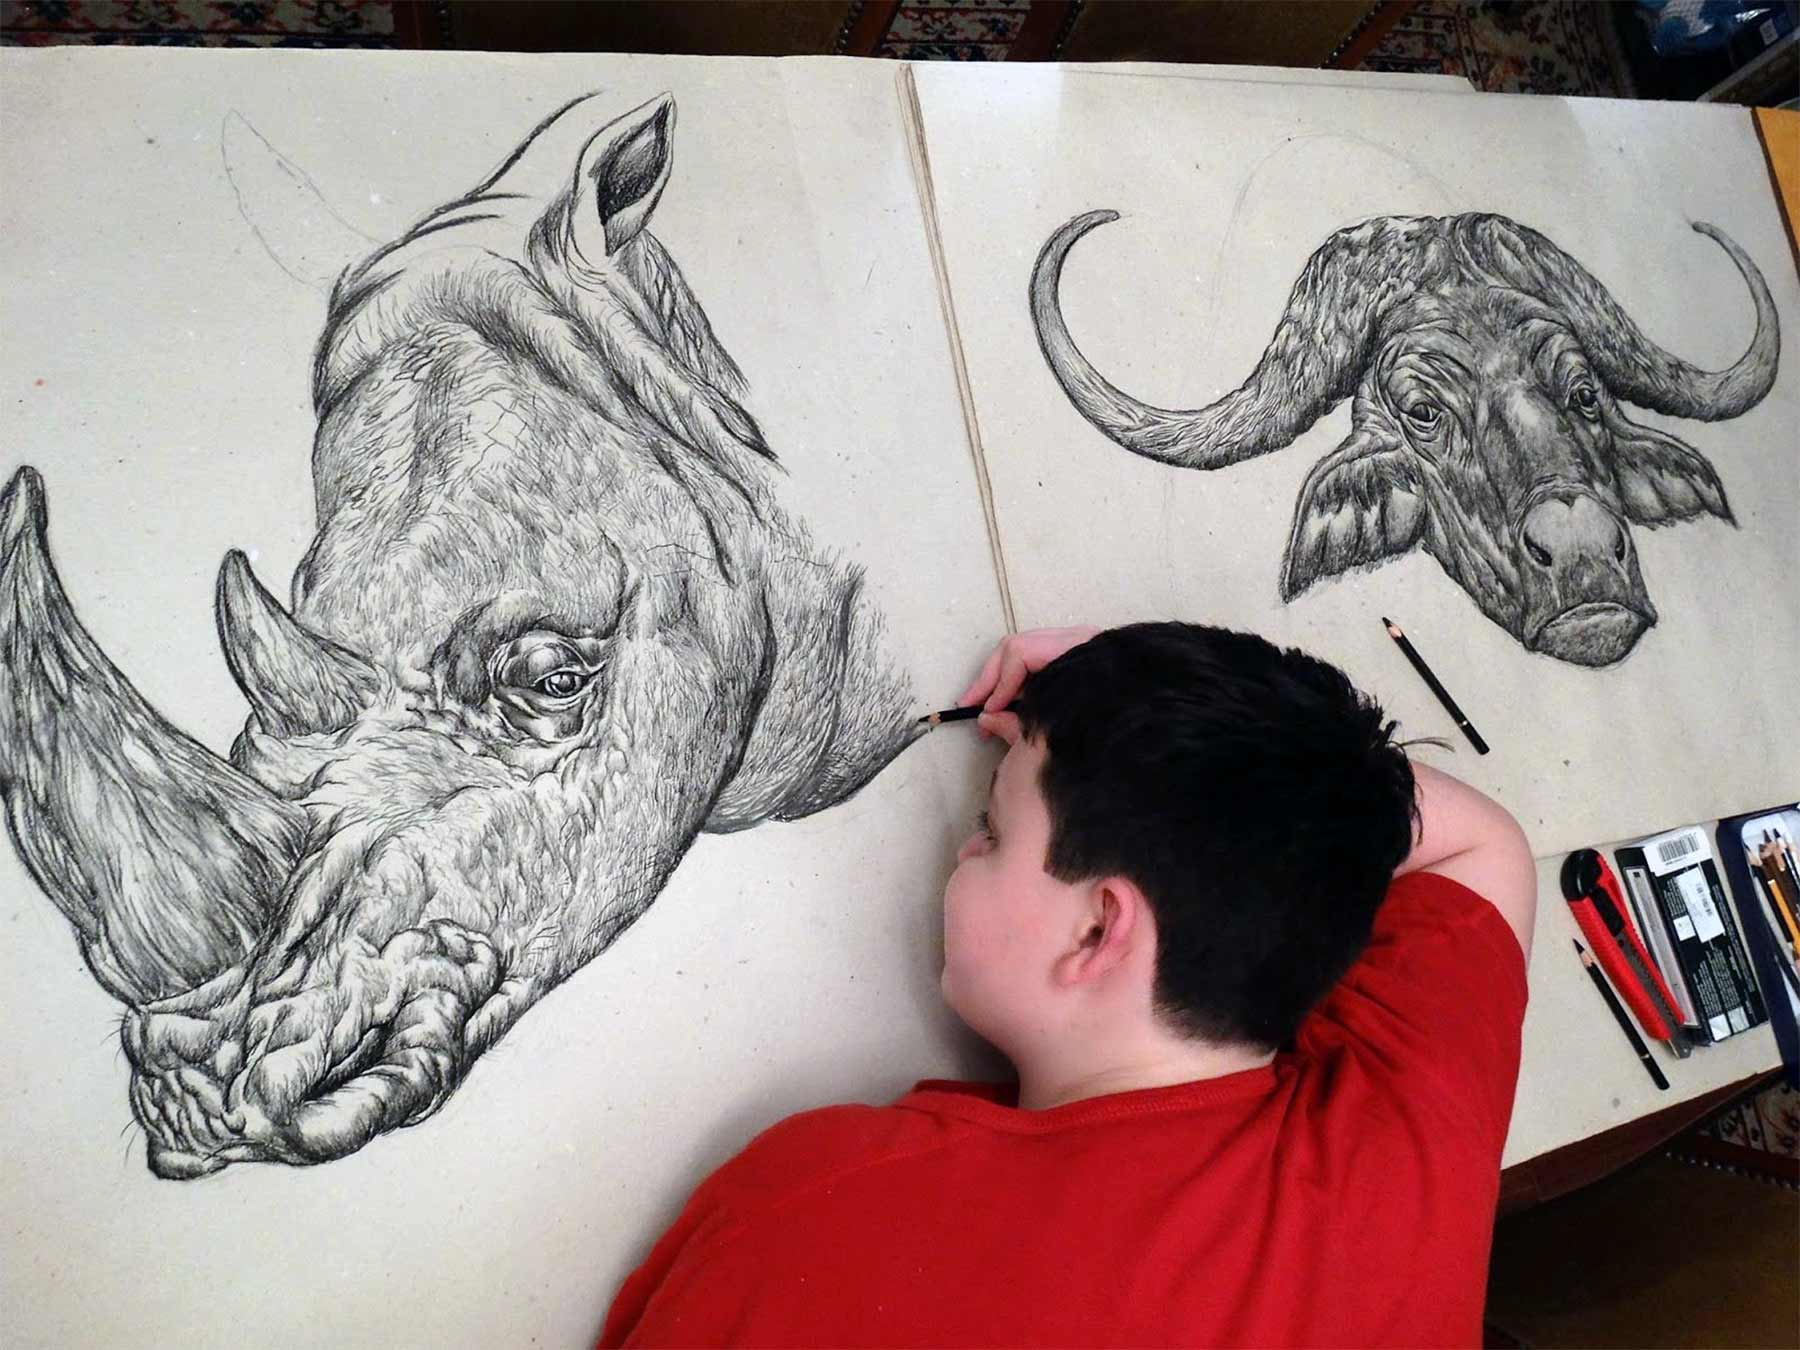 Die genialen Zeichnungen des 15-jährigen Dušan Krtolica Dusan-Krtolica-zeichnungen-2018_05